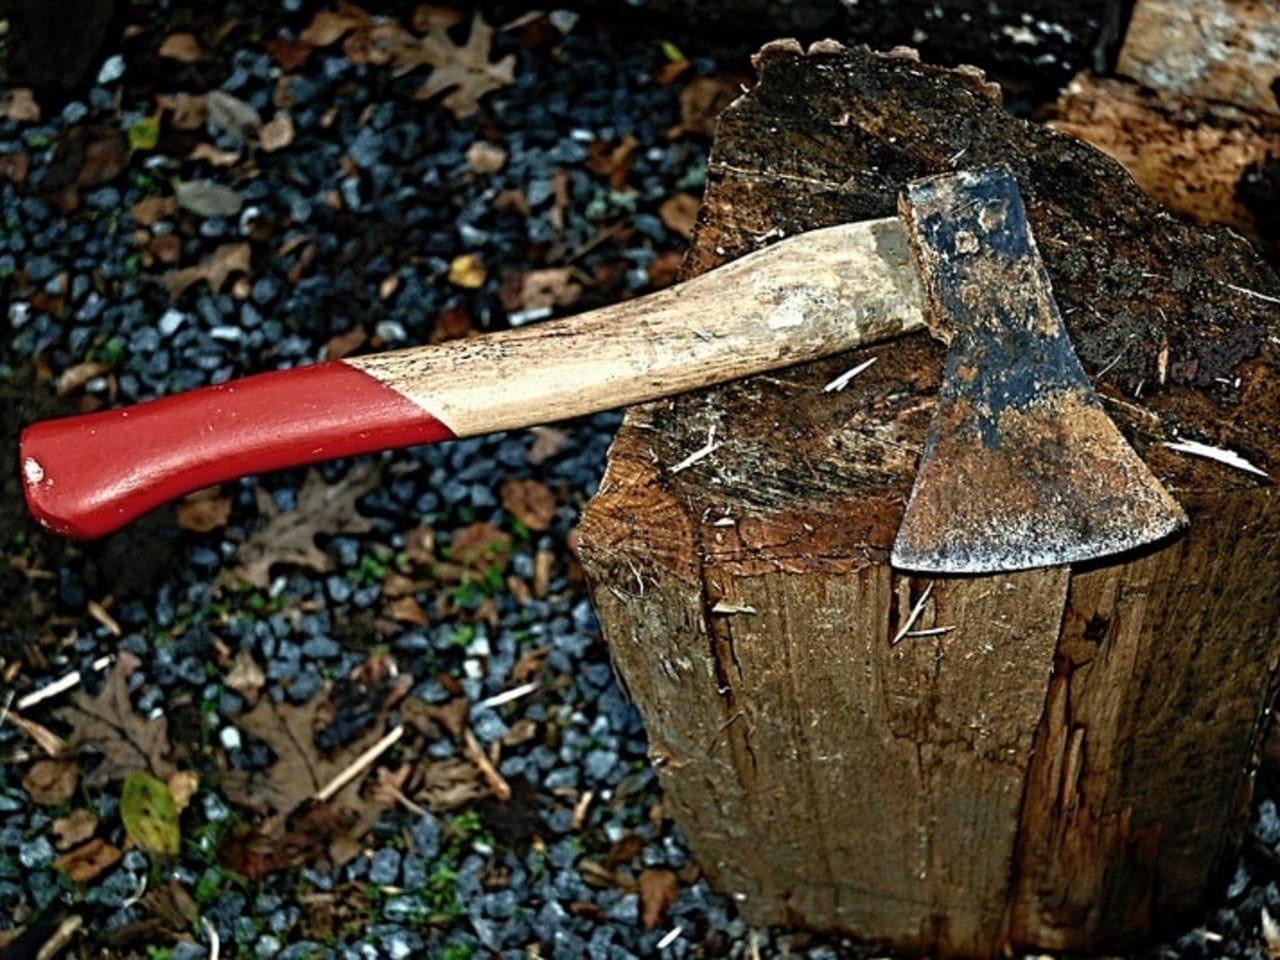 На Херсонщине сельчанин отрубил палец вместе с дровами